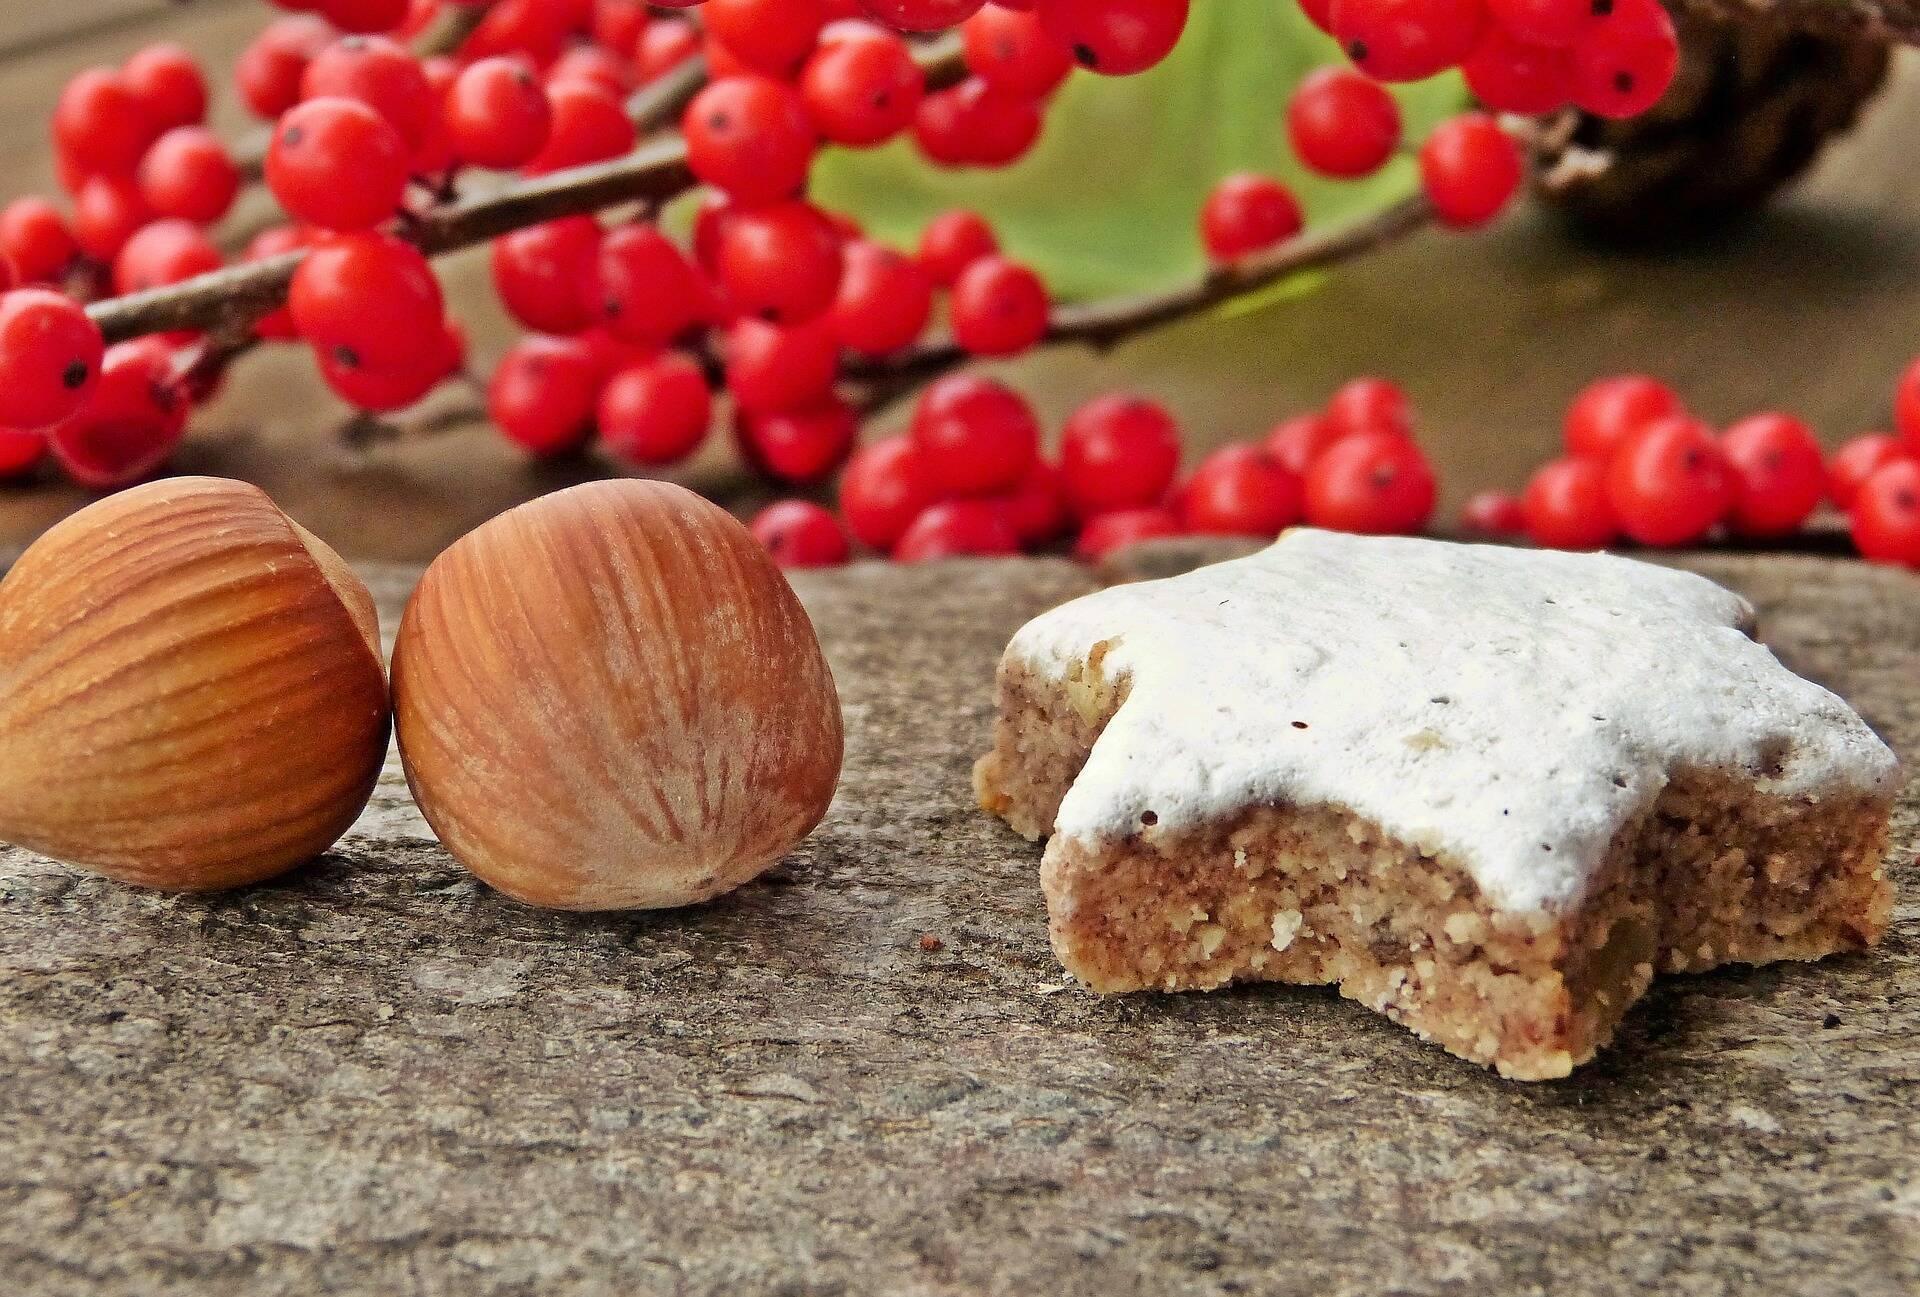 Ореховый Спас – 29 августа – в 2020 году приходится на субботу.